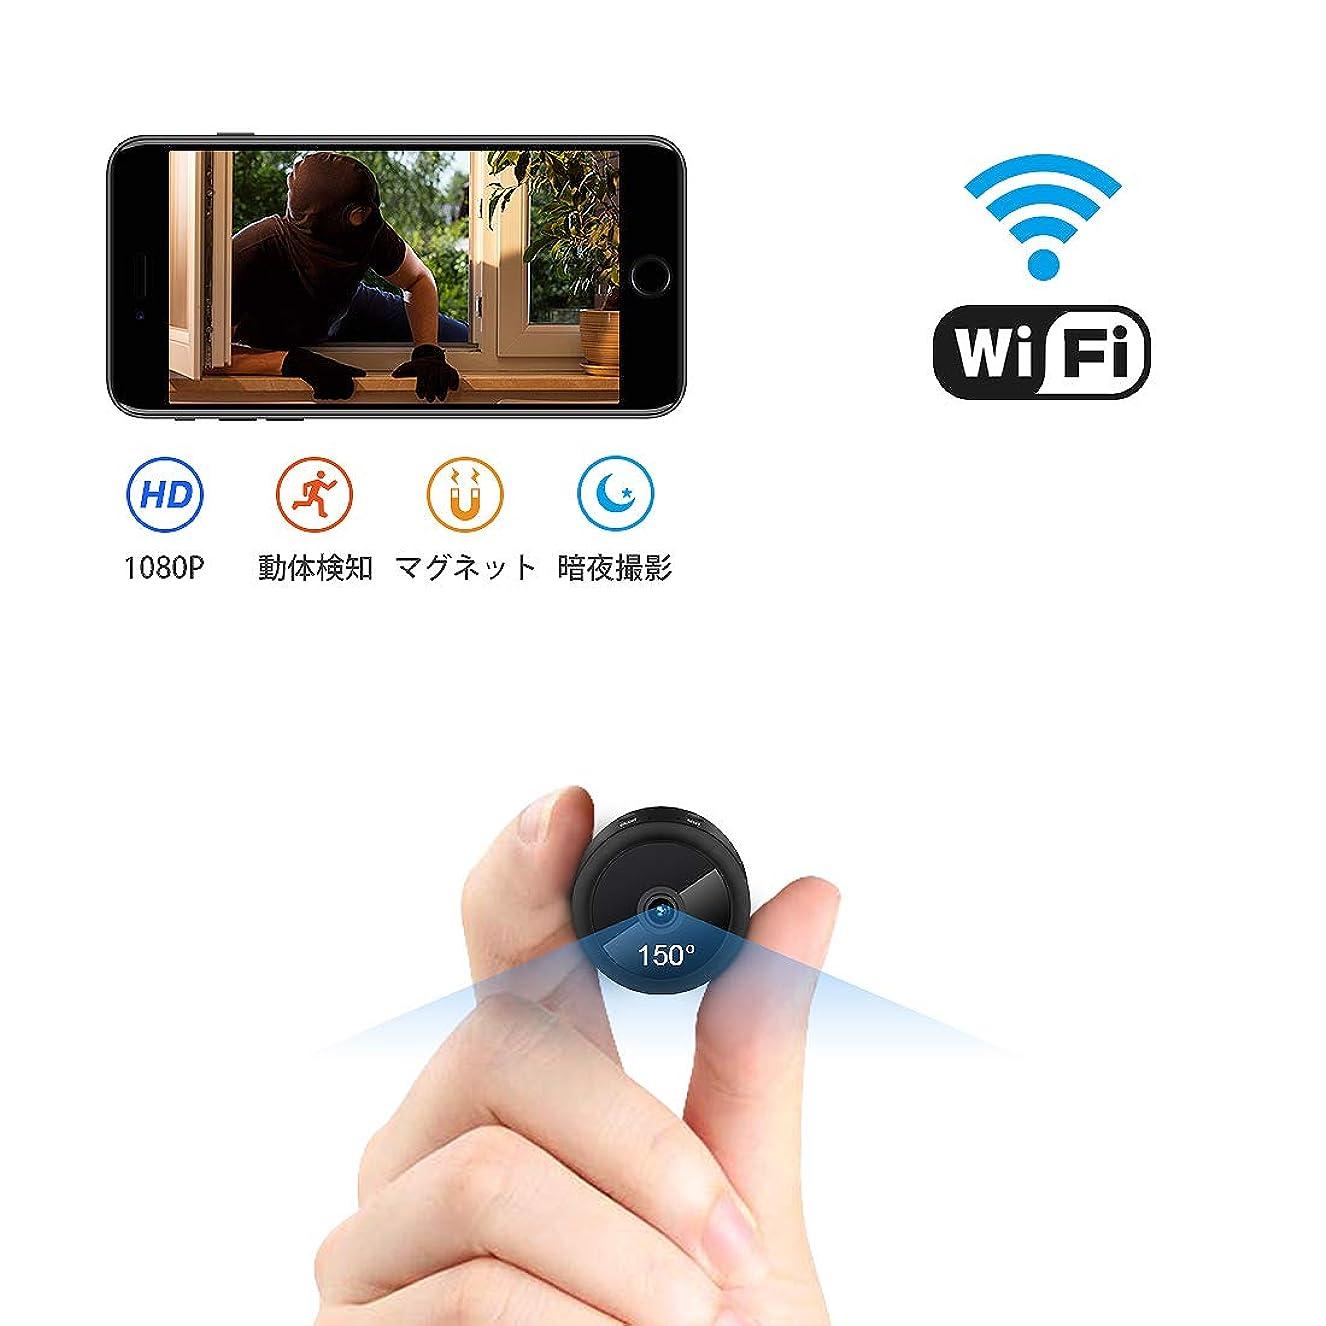 モトリー不安定なずらす小型カメラ aobo スパイカメラ wifi 1080P高画質長時間録画隠しカメラ 150°広角超小型カメラ ip 赤外線予約録画 動体検知 携帯型防犯監視カメラ 暗夜撮影 ミニワイヤレスカメラ バッテリー内蔵 sdカード録画 暗視盗撮カメラ iPhone/Android/PC対応(日本語取扱)